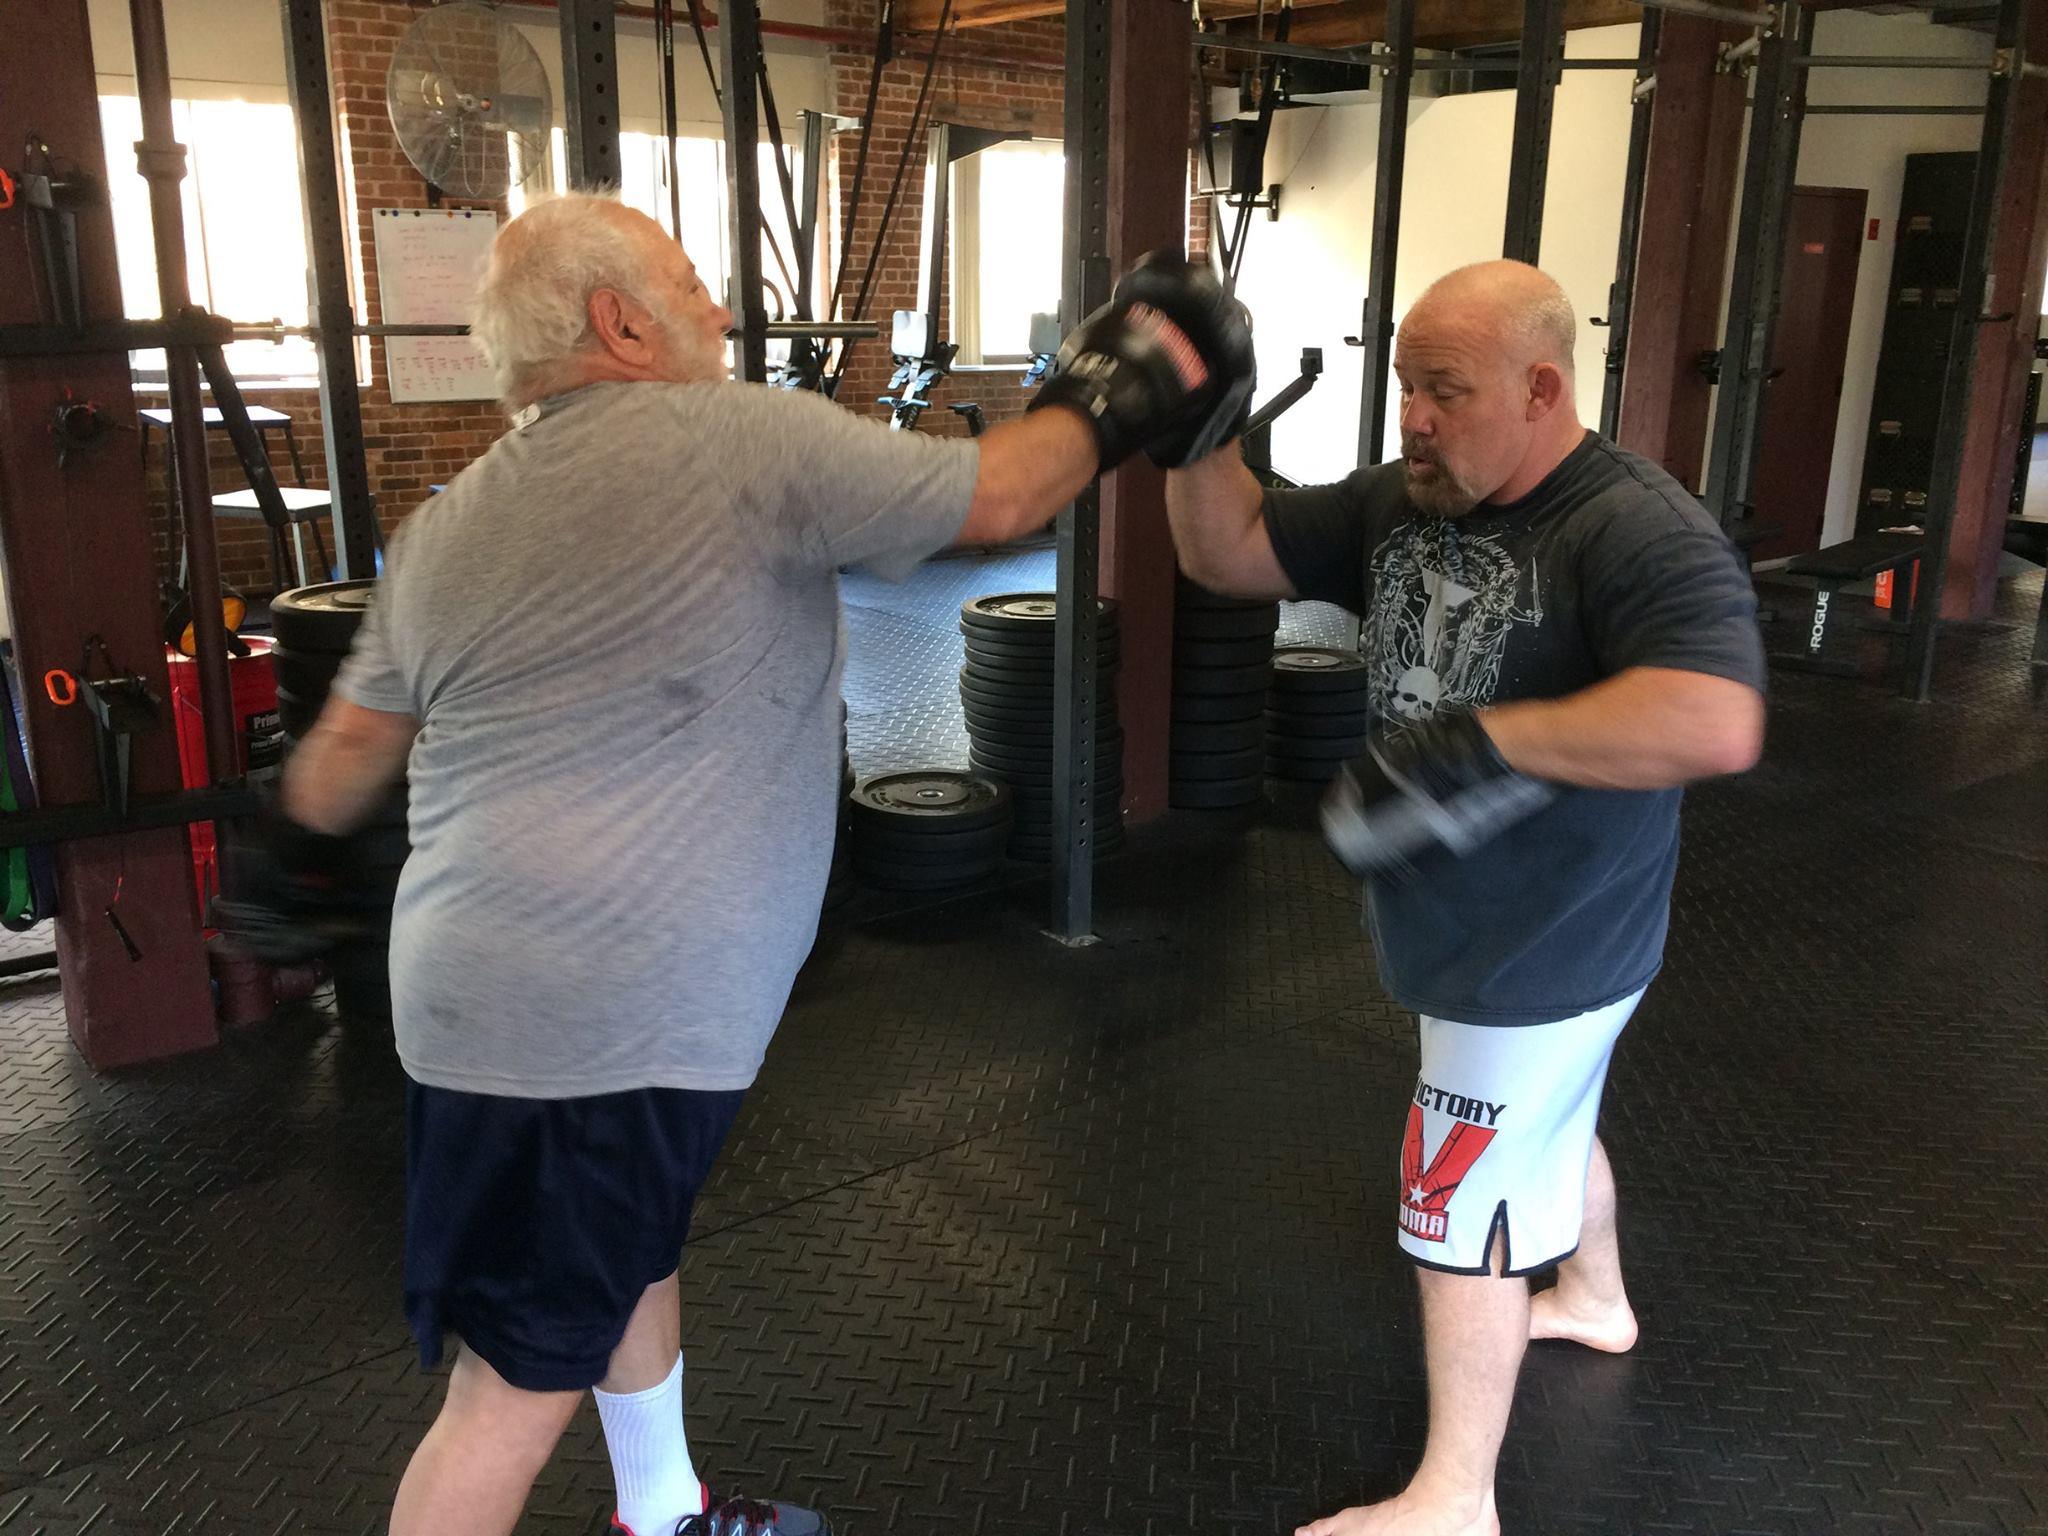 sarg-teaching-boxing